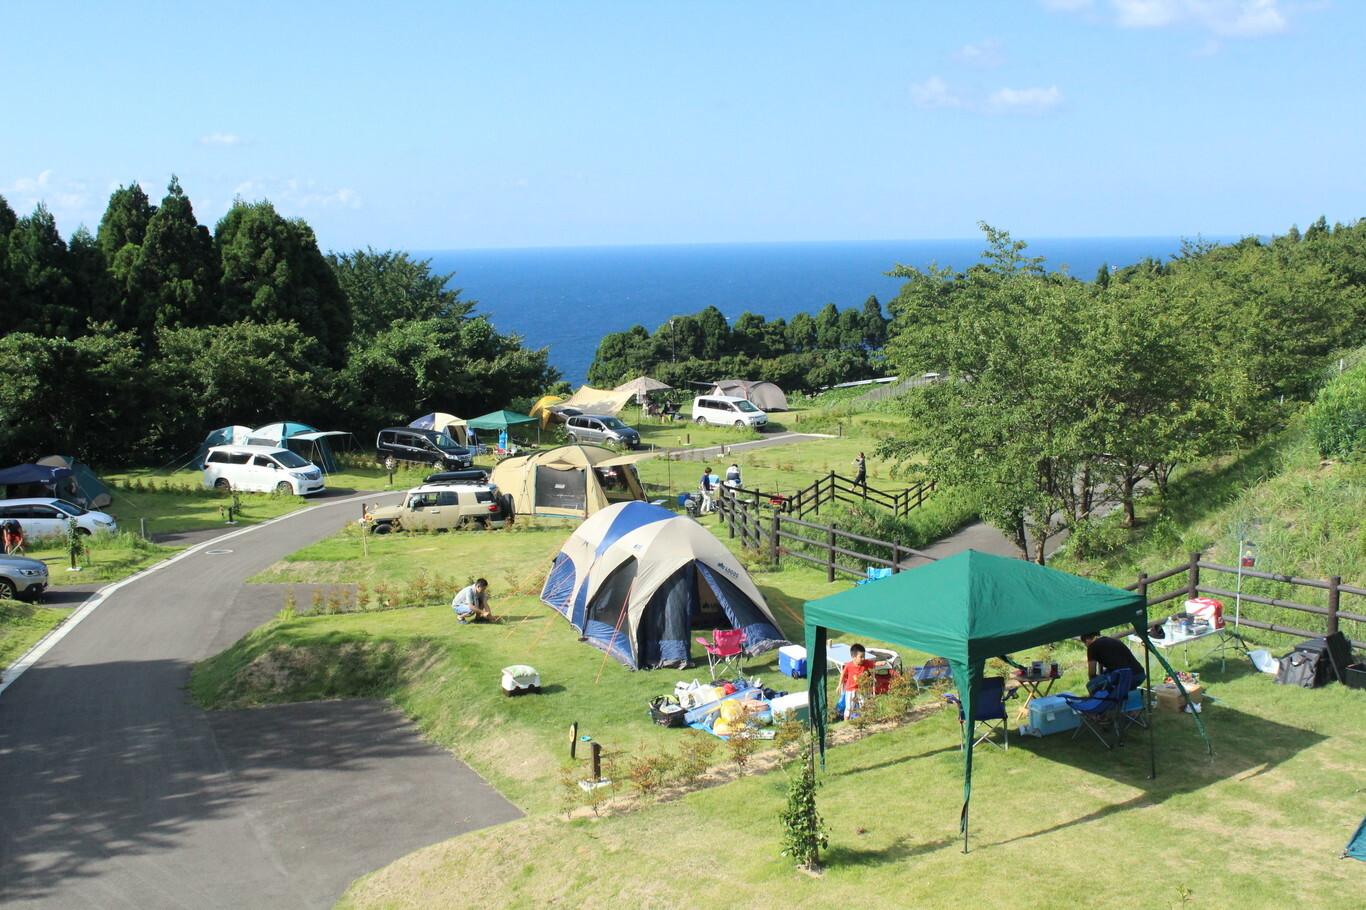 ガラガラ山キャンプ場 SPA&CAMP の公式写真c11205